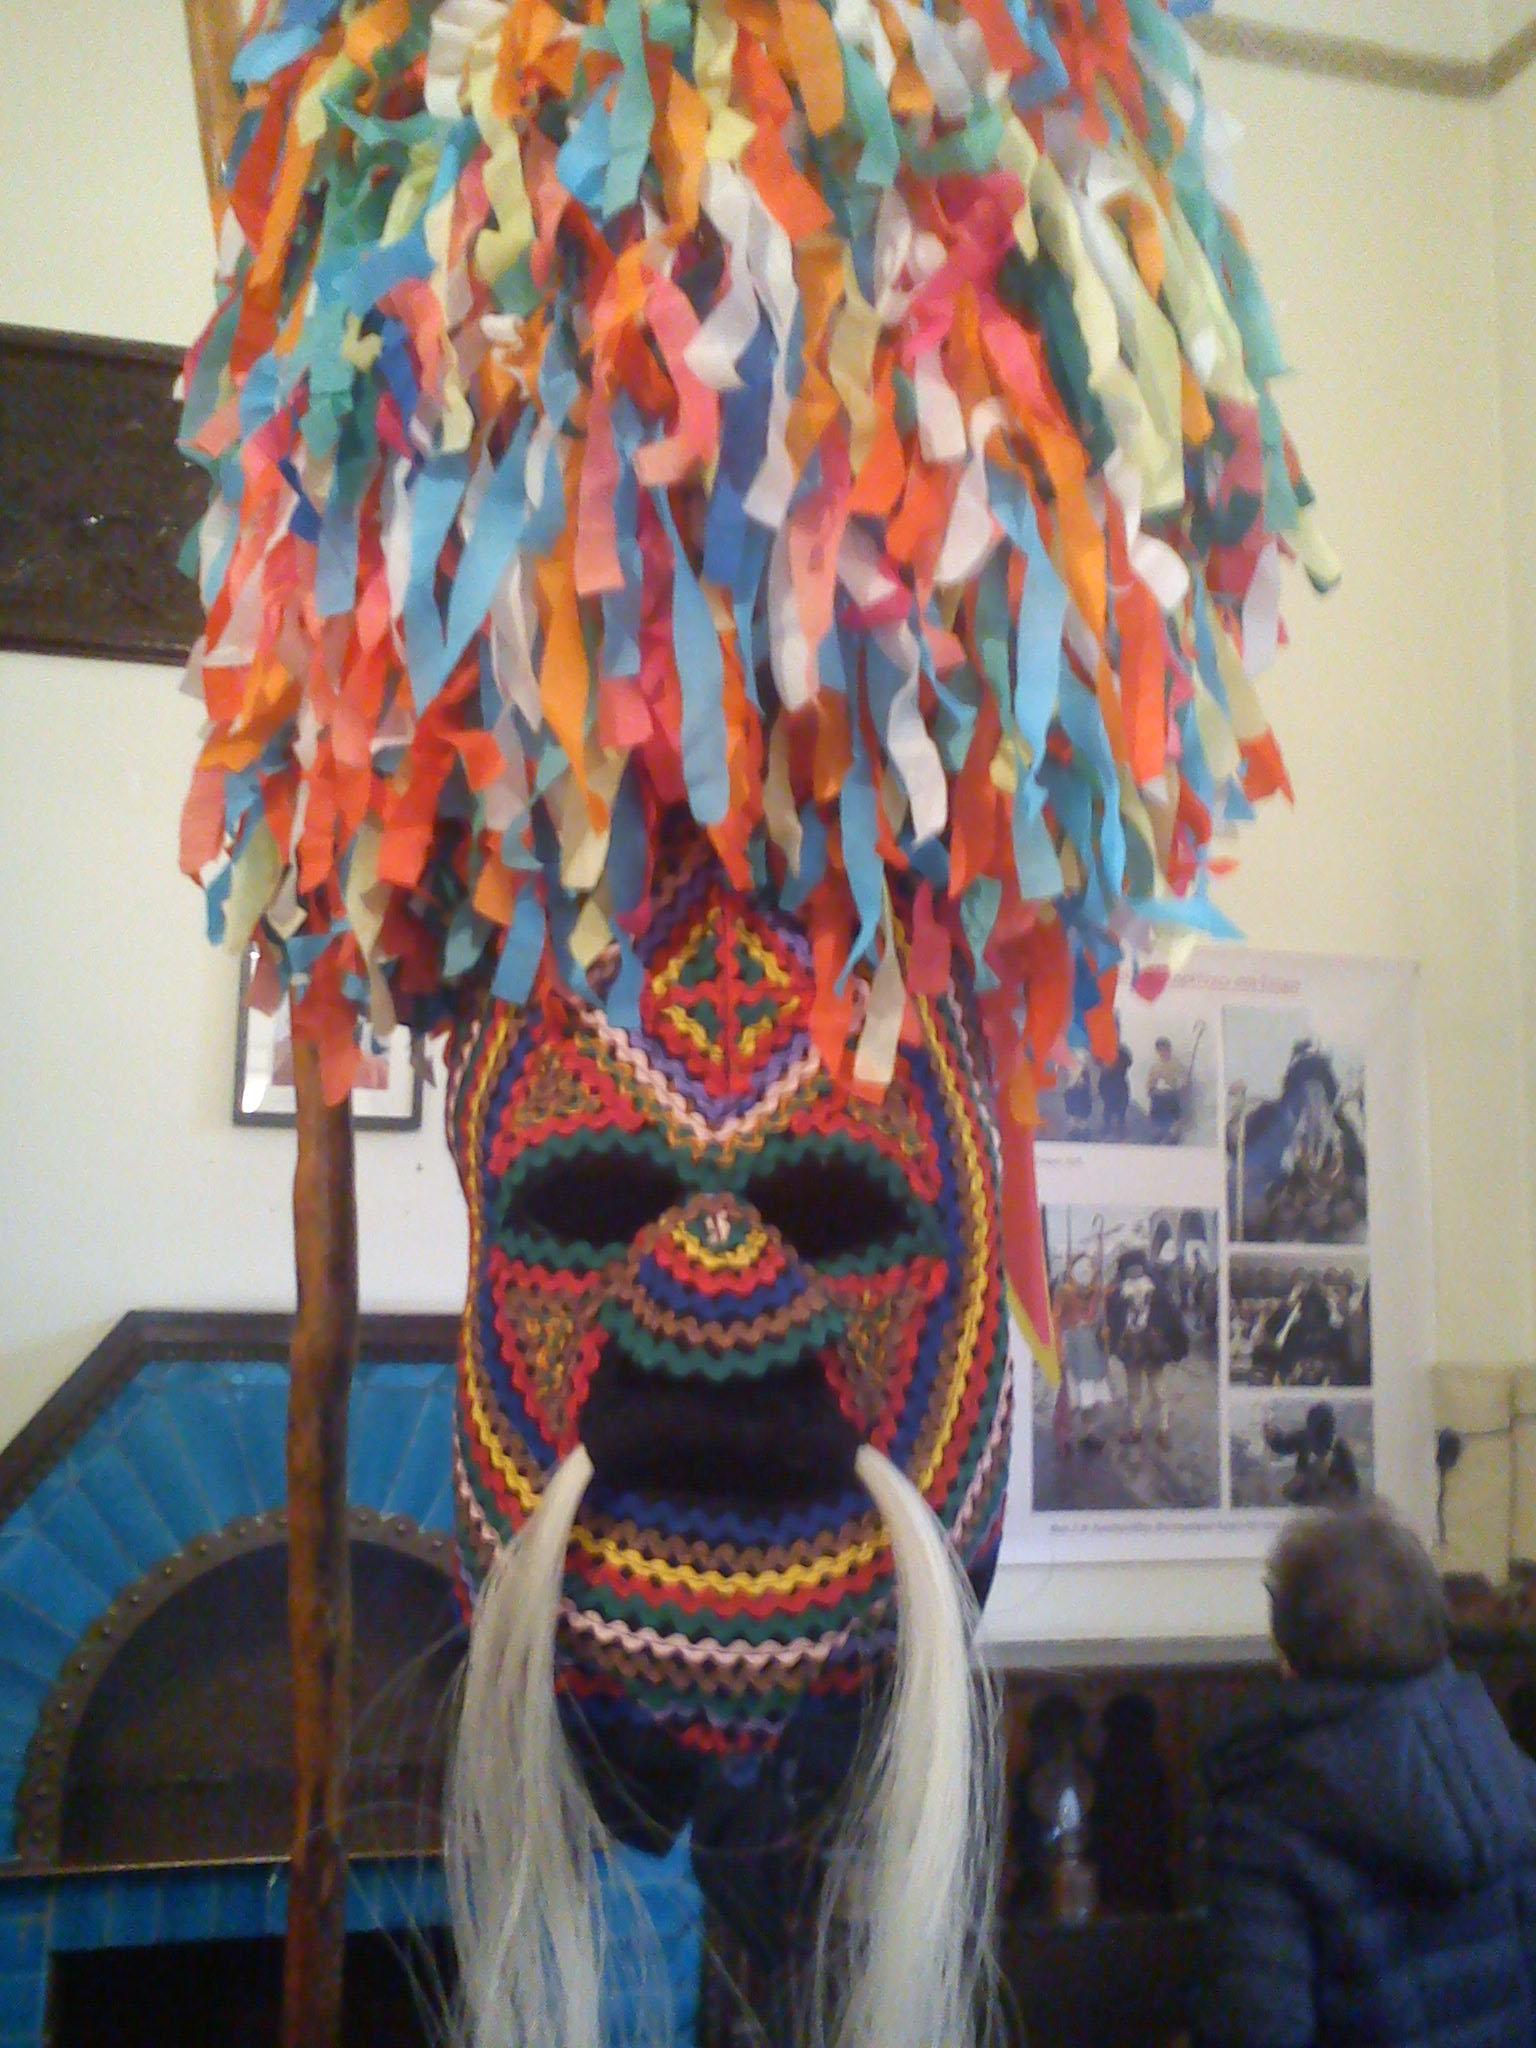 Παραδοσιακή Αποκριά στο Μουσείο Λαϊκής Τέχνης και Παράδοσης «Αγγελική Χατζημιχάλη»